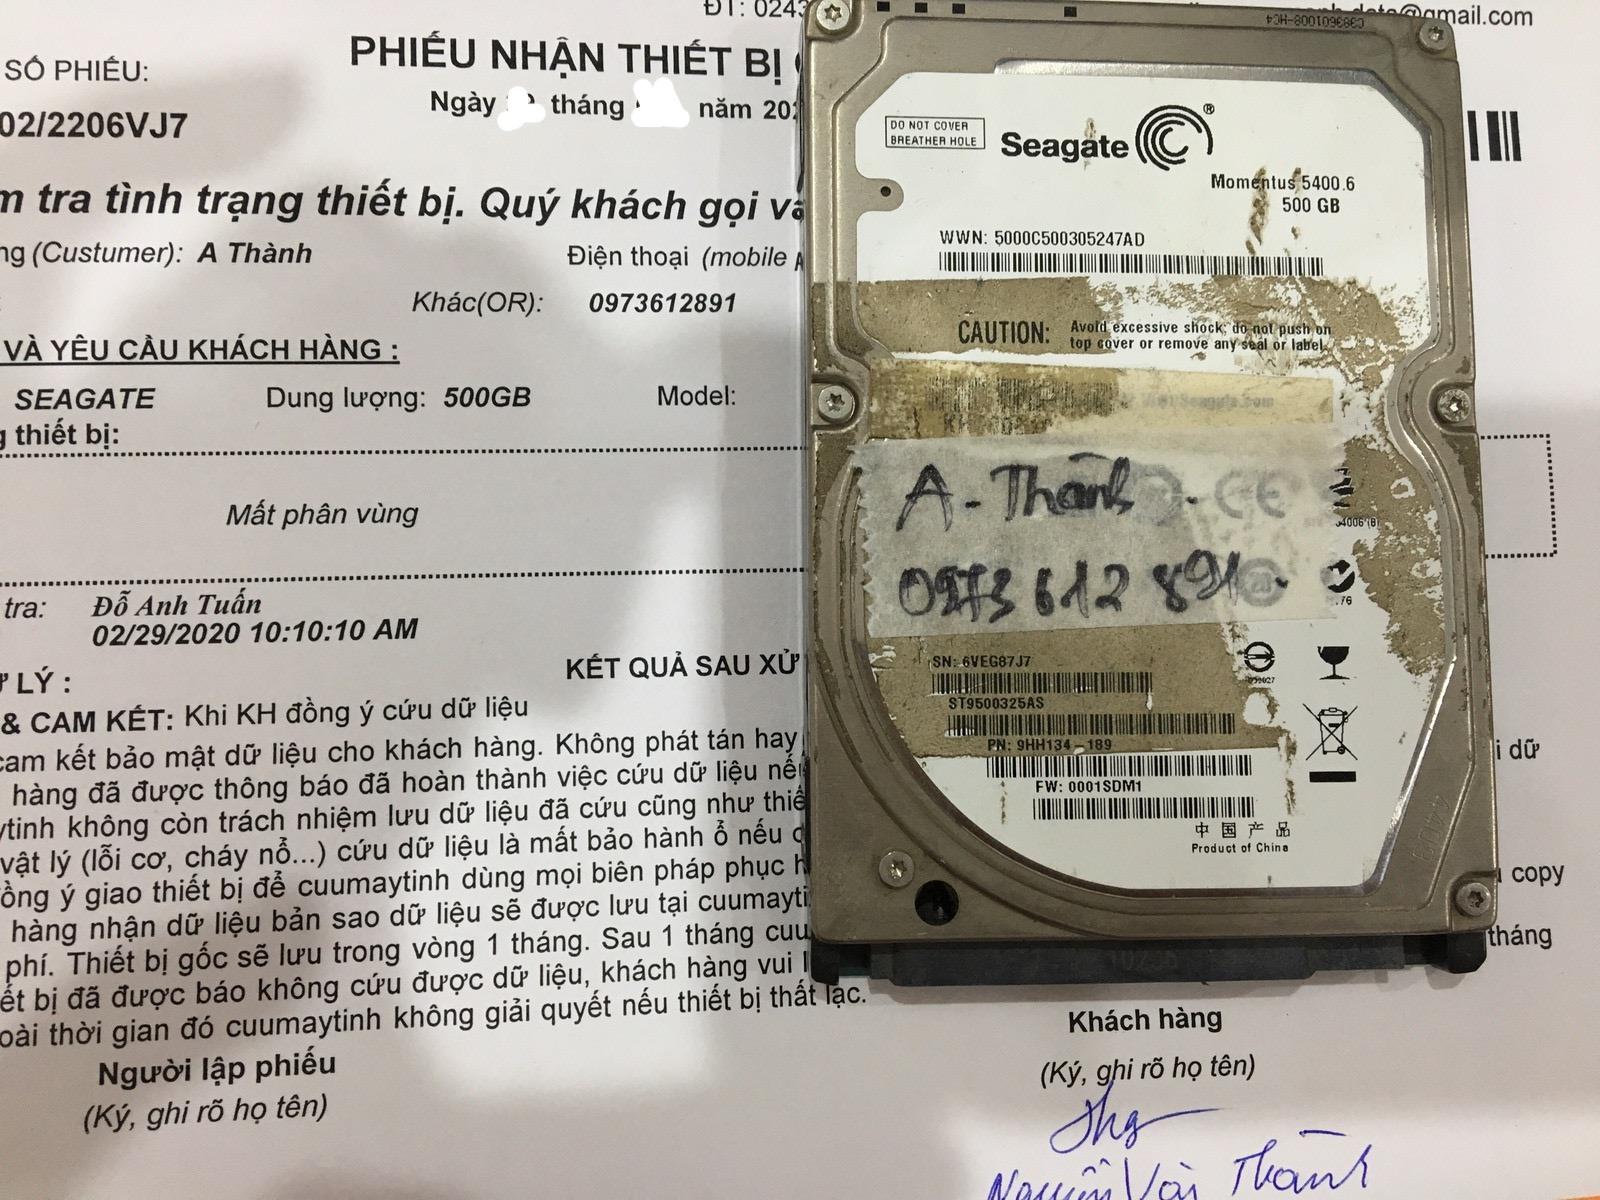 Khôi phục dữ liệu ổ cứng Seagate 500GB mất phân vùng 02/03/2020 - cuumaytinh